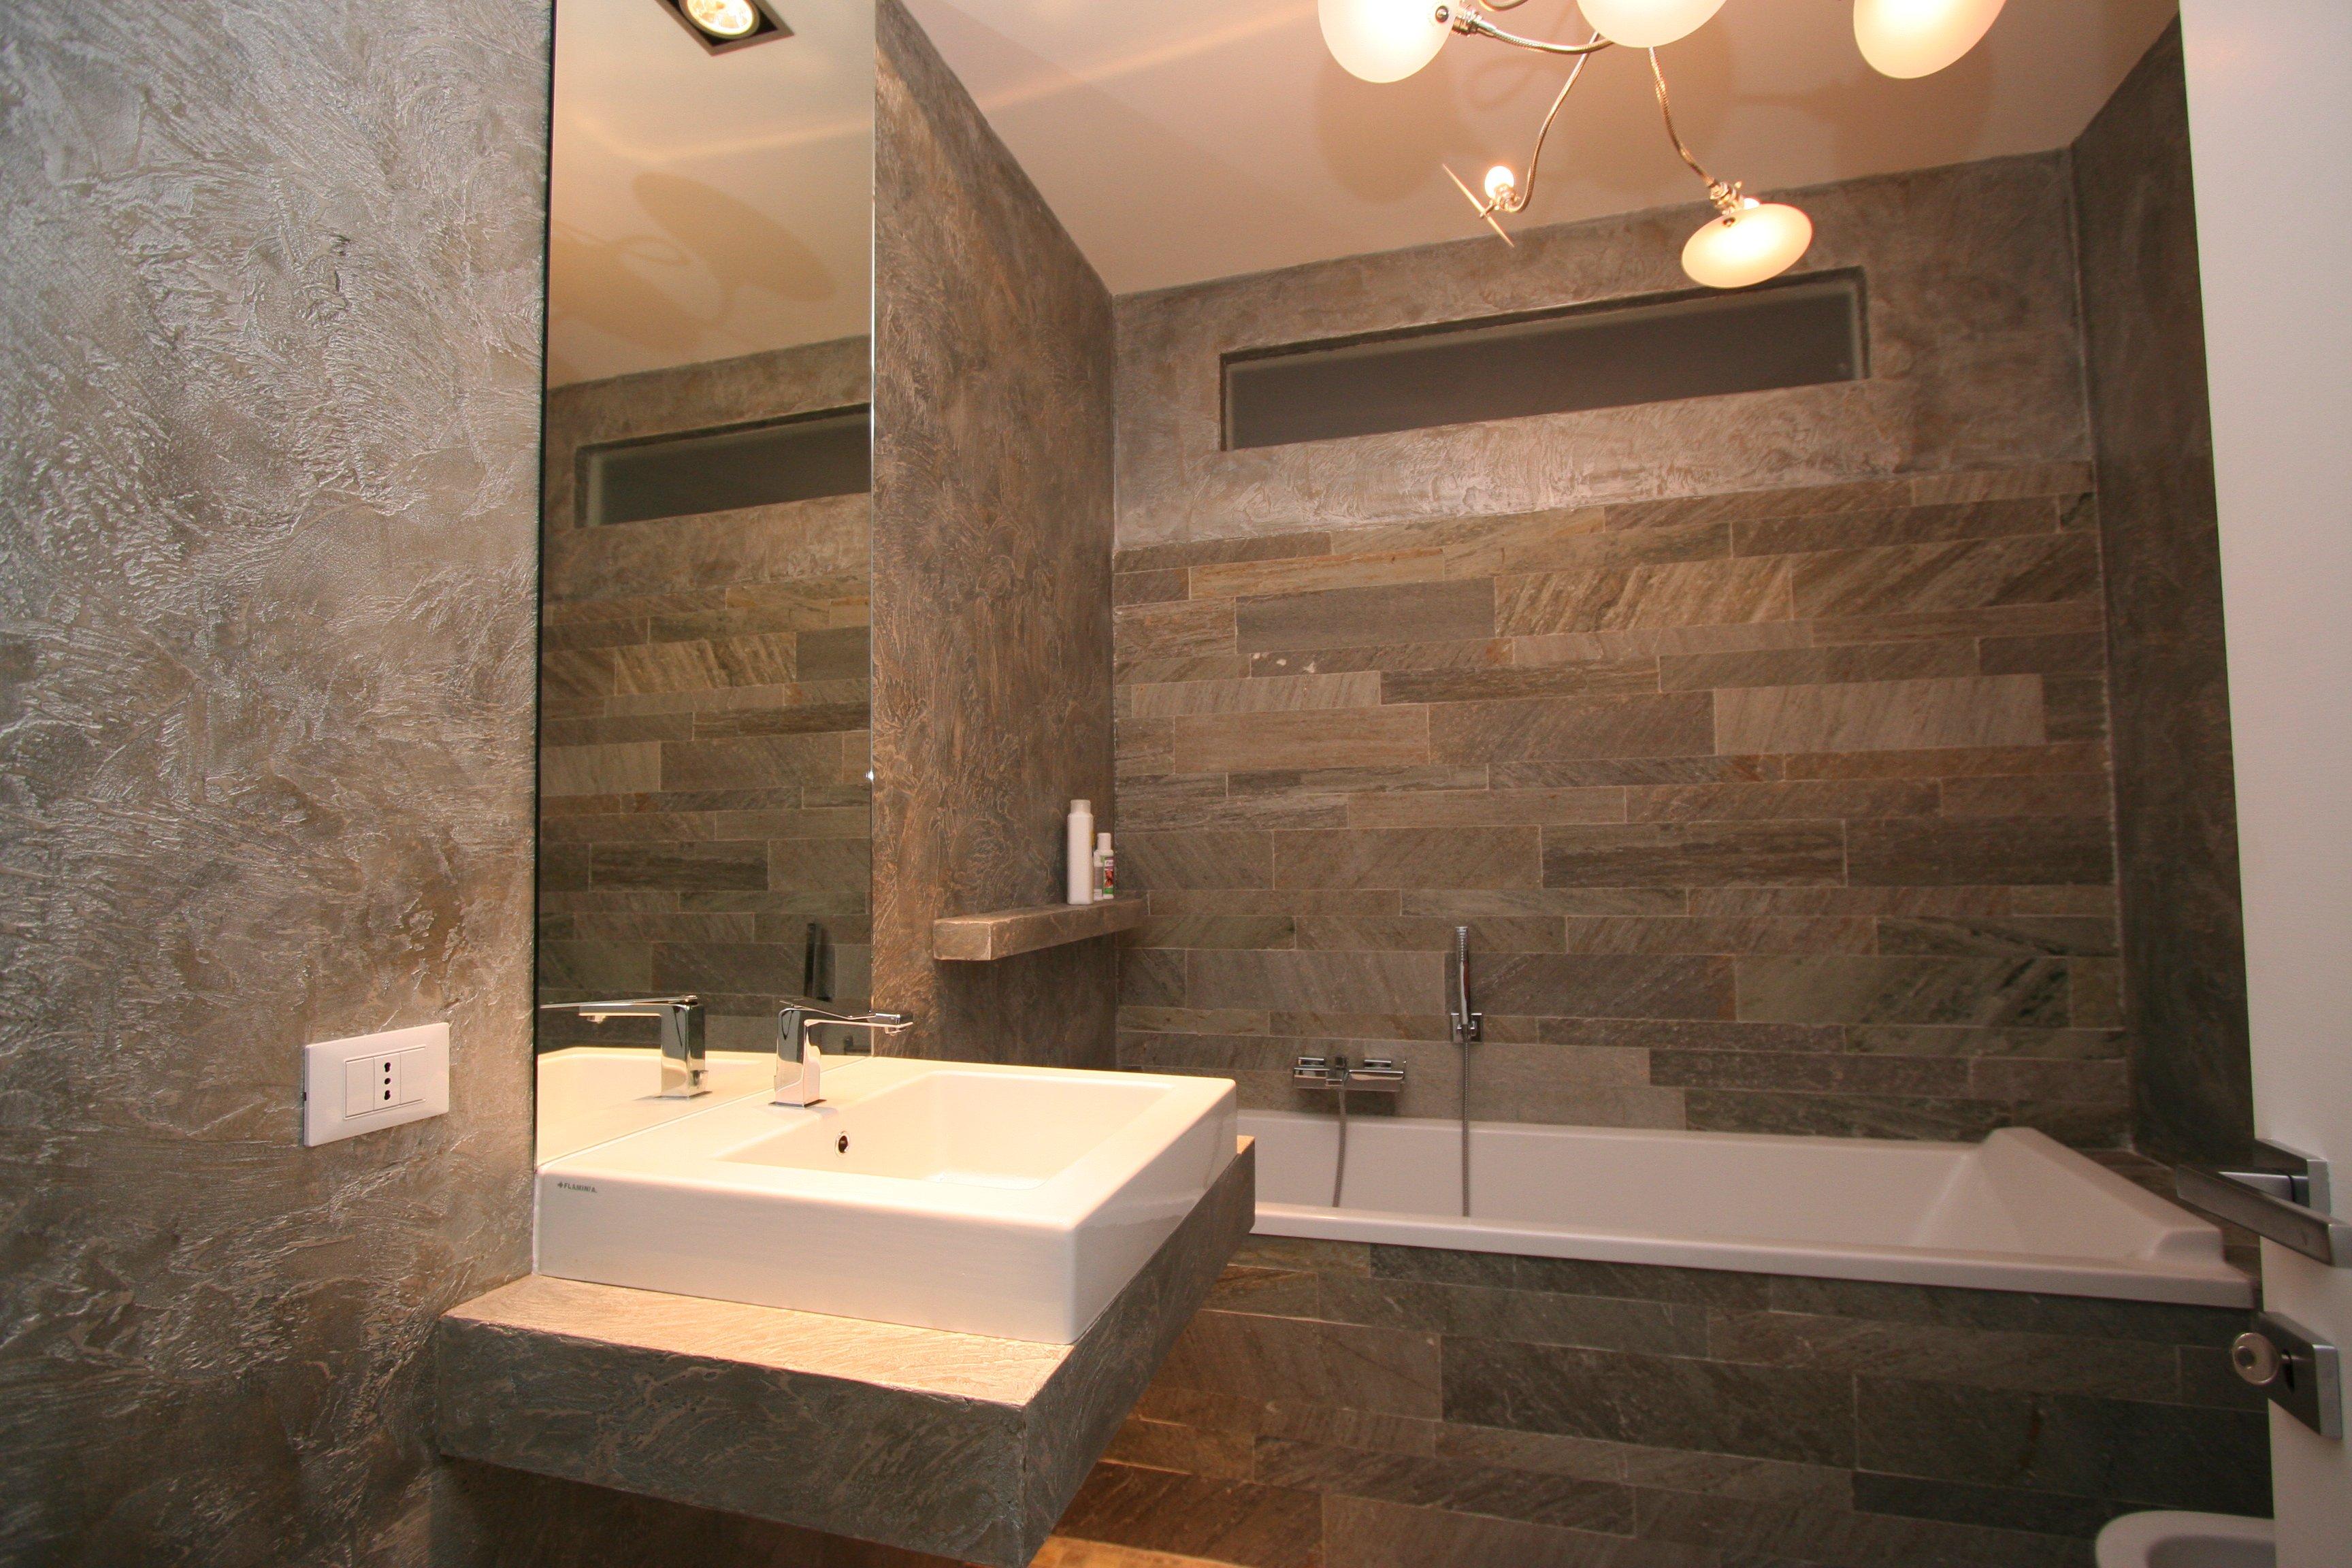 Coprire Vasca Da Bagno Prezzi : Vasche bagno prezzi. gallery of vasca con doccia with vasche bagno